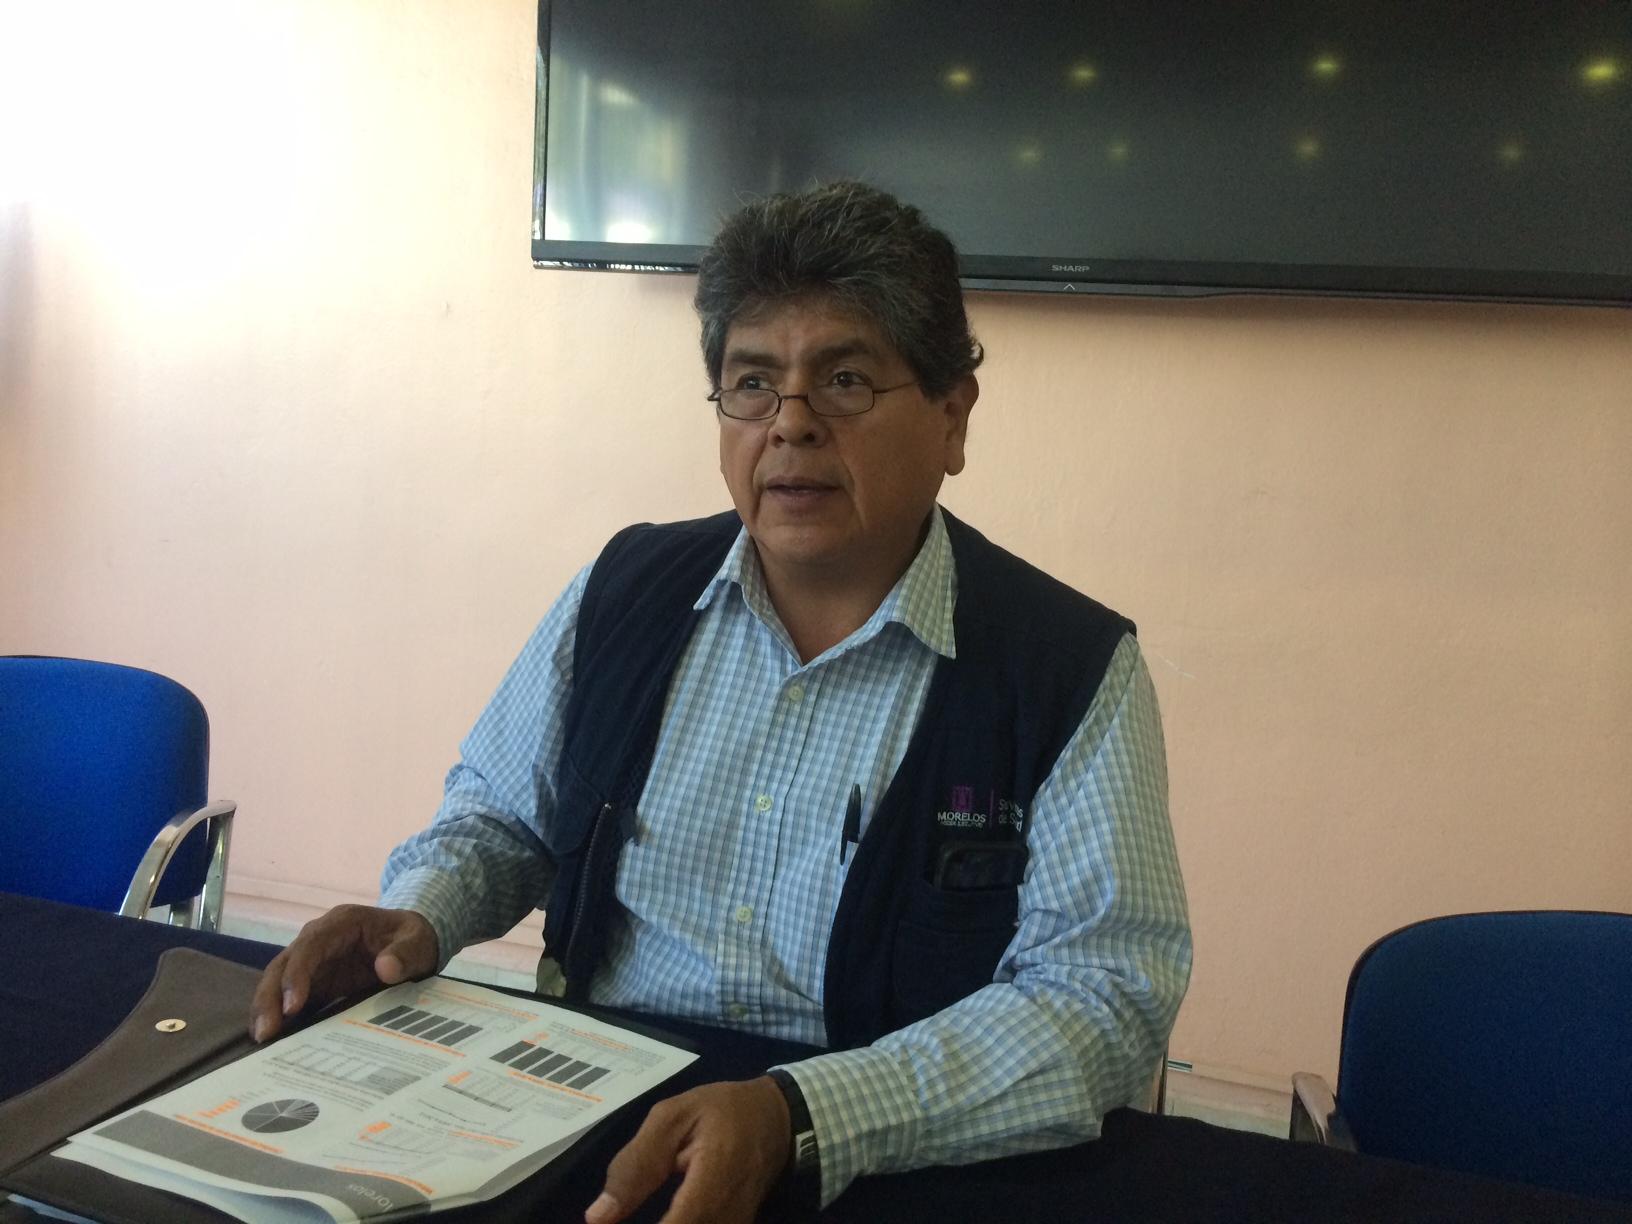 Raúl Cuauhtémoc Martínez Salgado coordinador de Epidemias y Desastres de los Servicios de Salud Morelos (SSM)